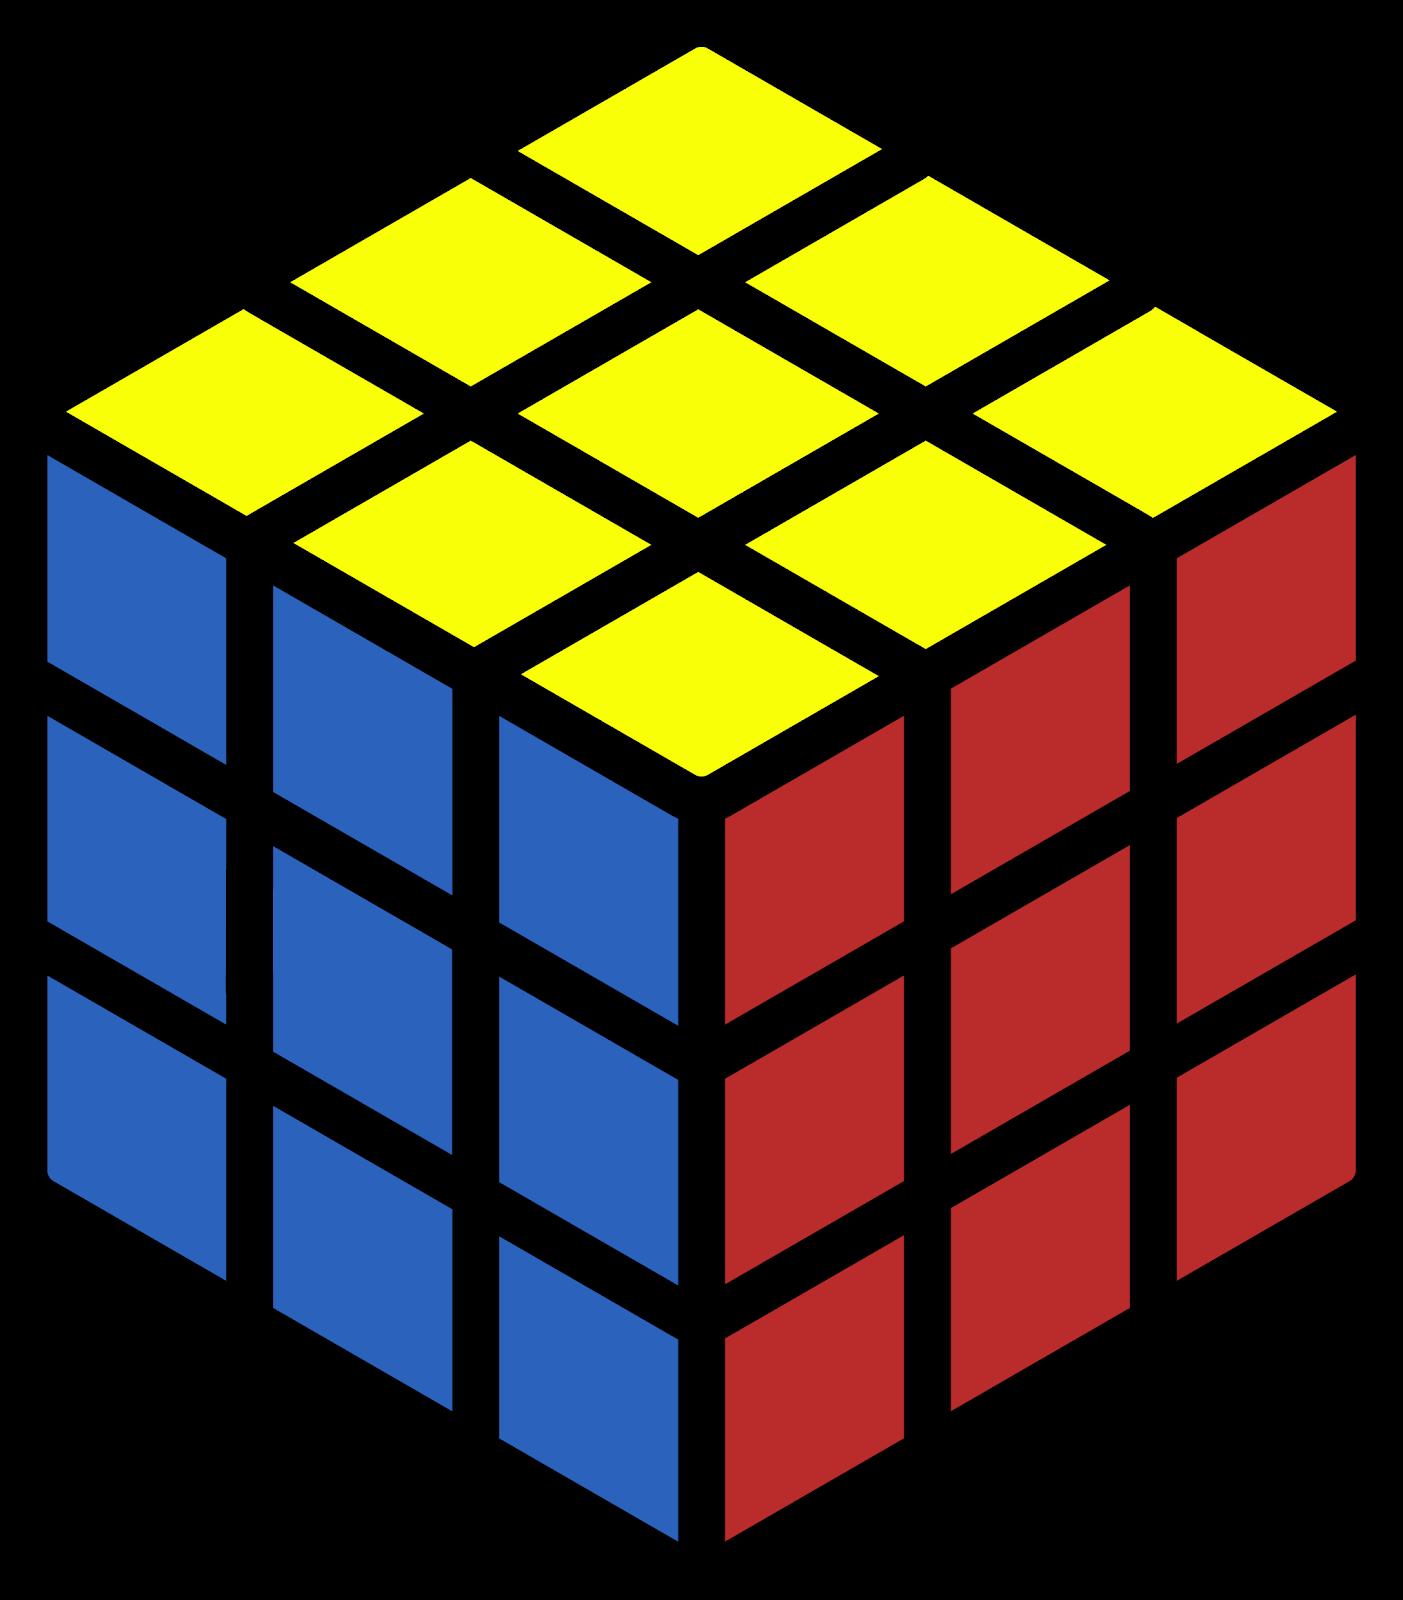 menyelesaikan algoritma terakhir rubik 3x3